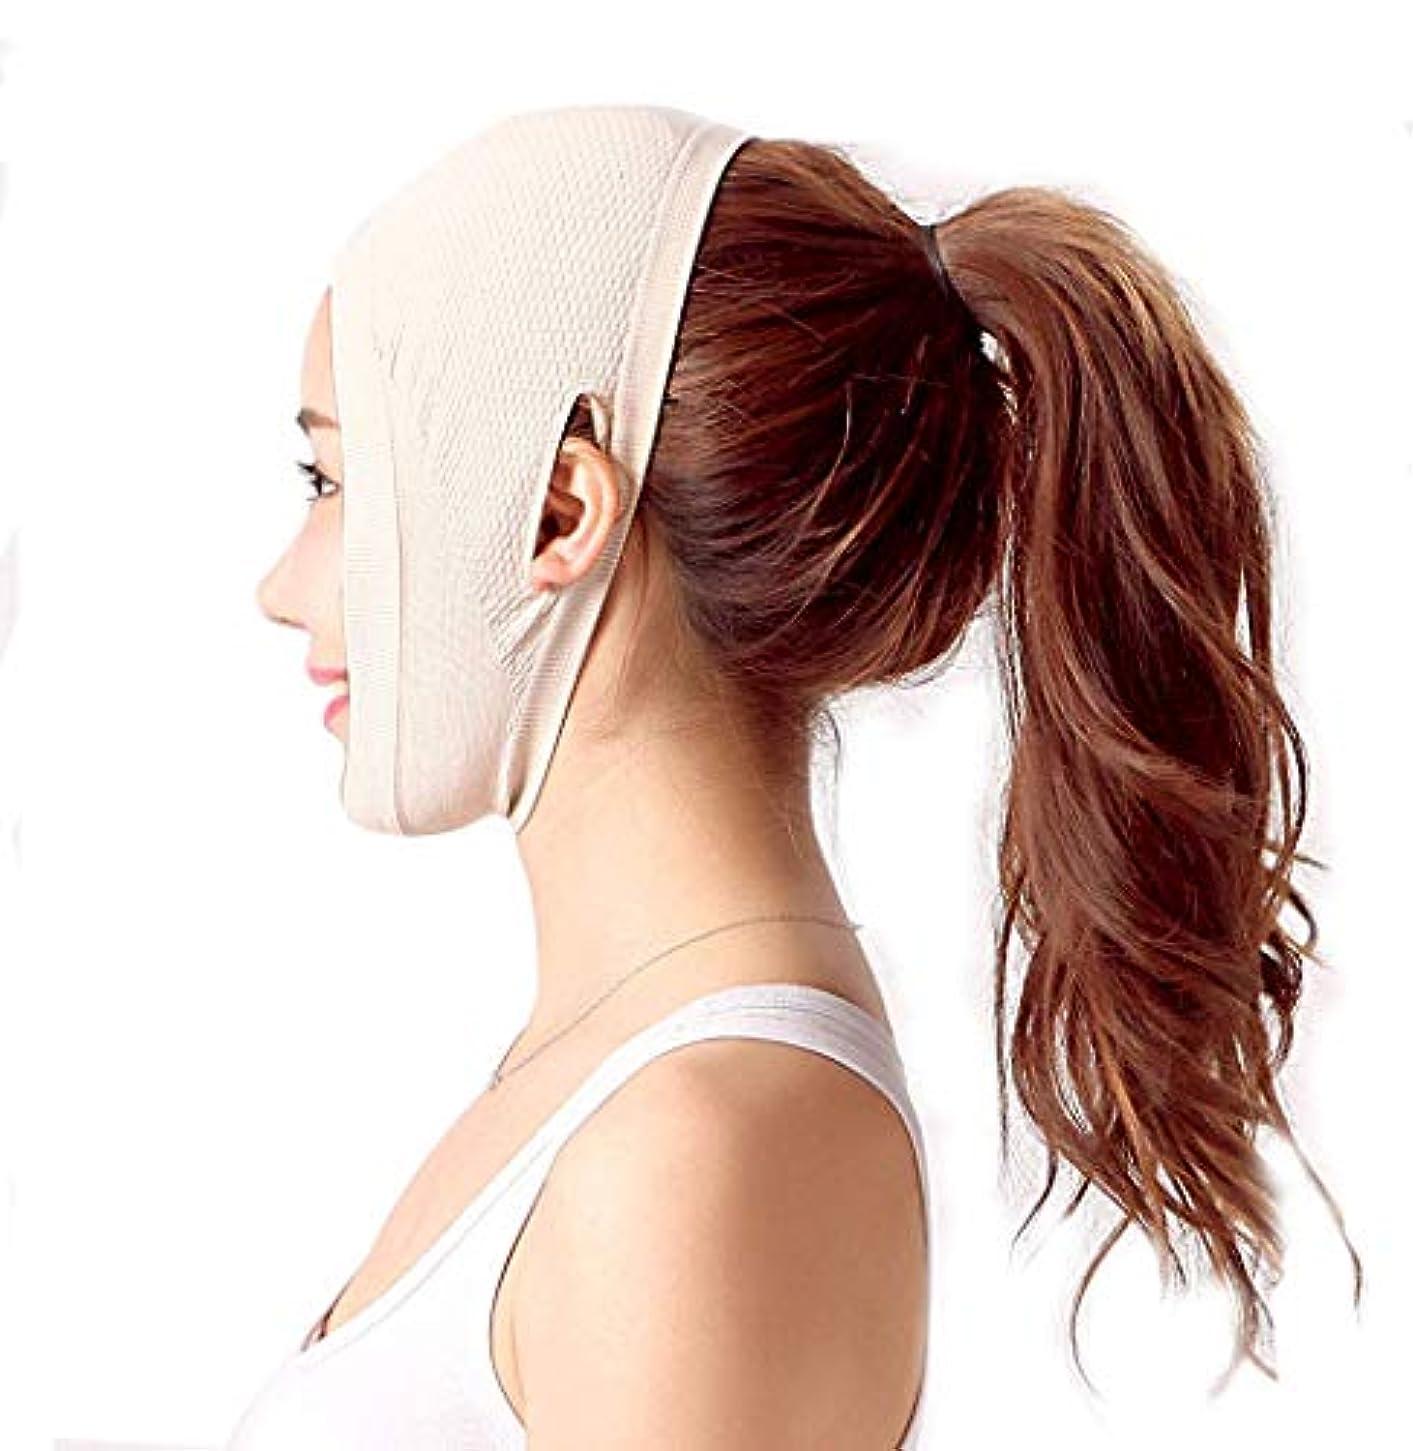 吸収コントロール学習整形外科手術後の回復ヘッドギア医療マスク睡眠Vフェイスリフティング包帯薄いフェイスマスク(サイズ:肌の色(A)),肌の色調(A)